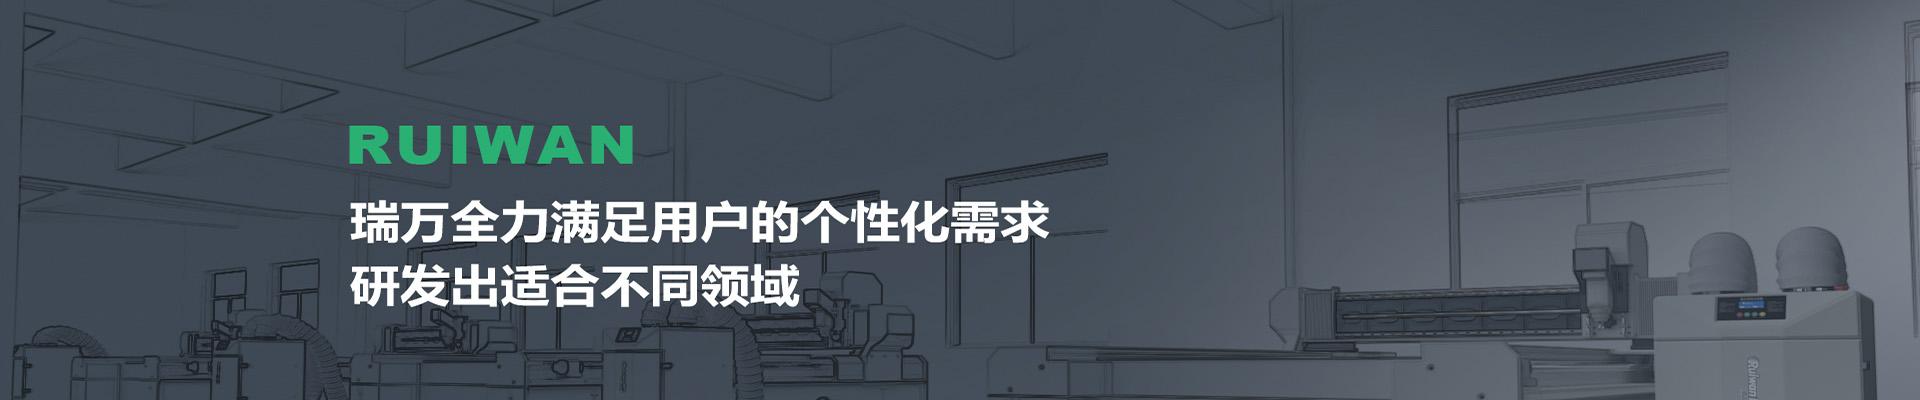 瑞萬(廣東)科技有限公司公司介紹